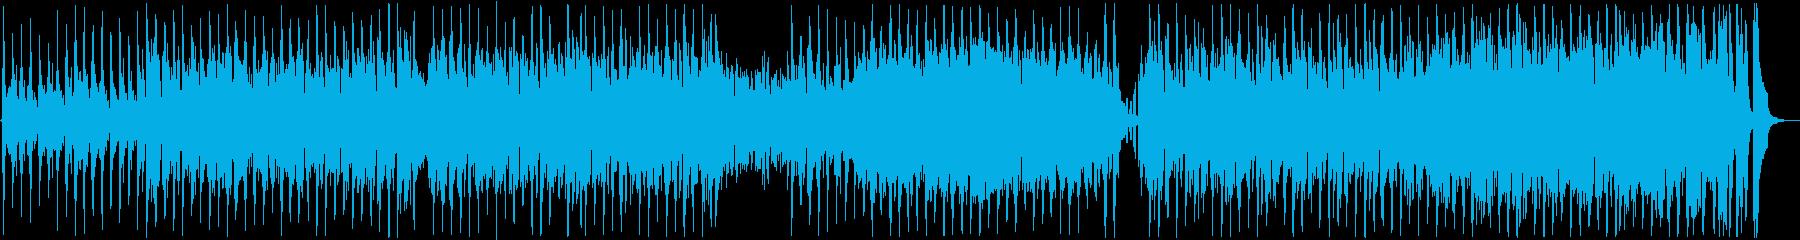 お洒落なボサノバジャズハウスの再生済みの波形